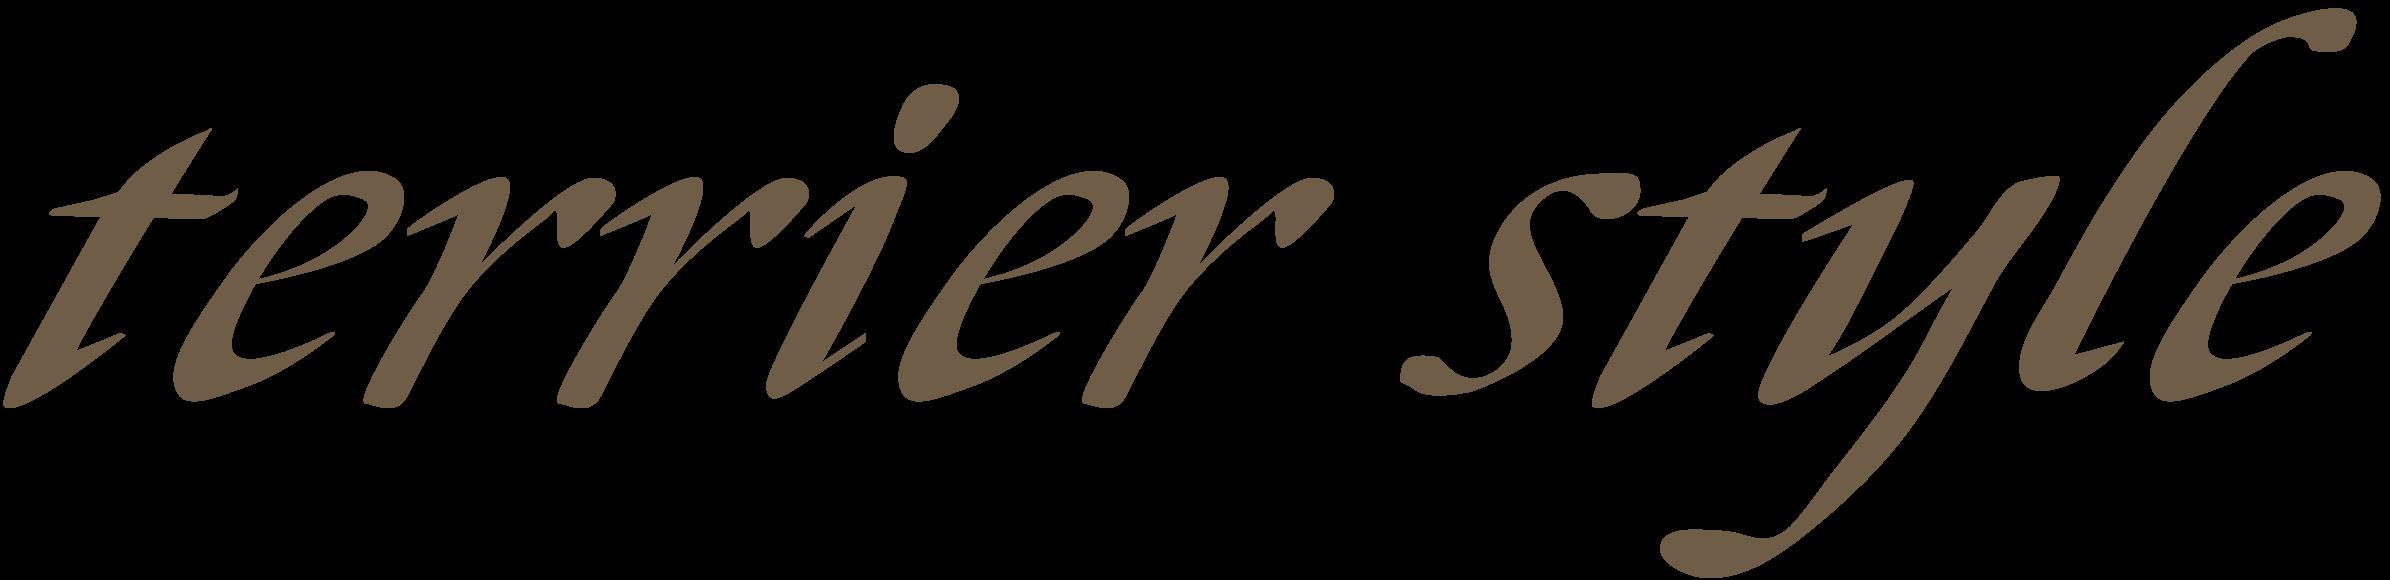 terrierstyle_logo - コピー